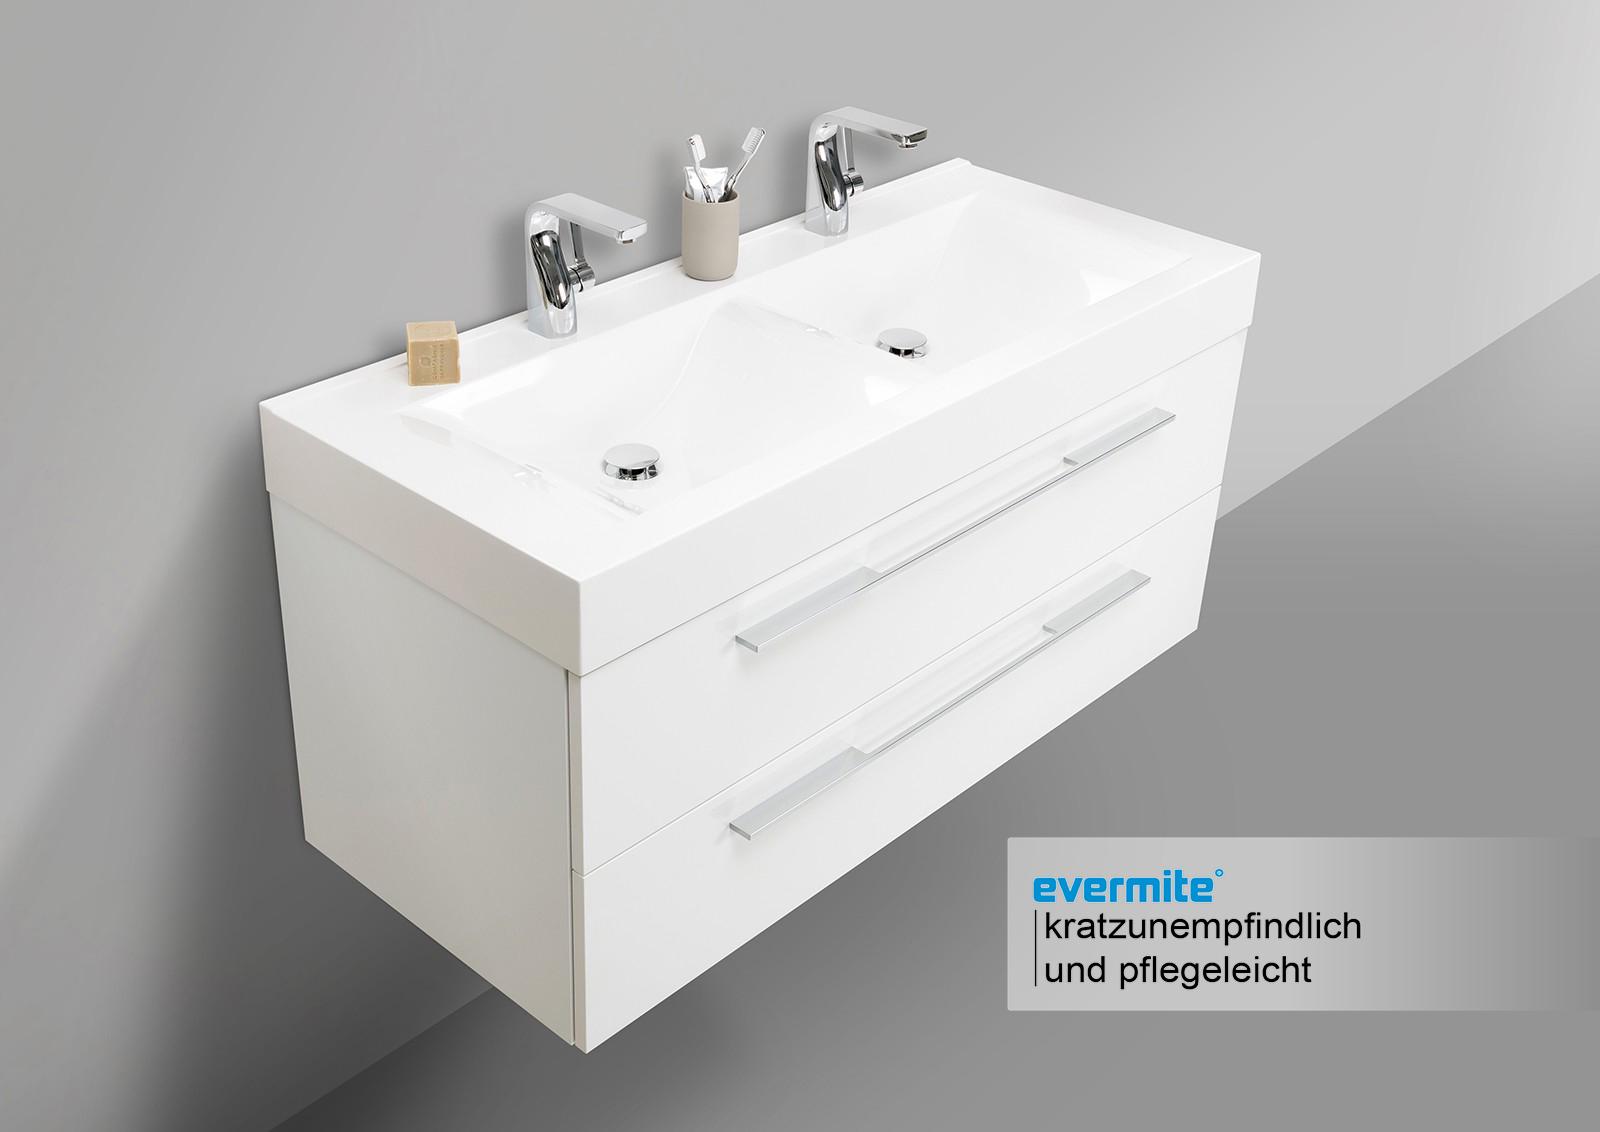 Doppelwaschbecken 120cm badm bel eiche mit led for Spiegelschrank doppelwaschbecken